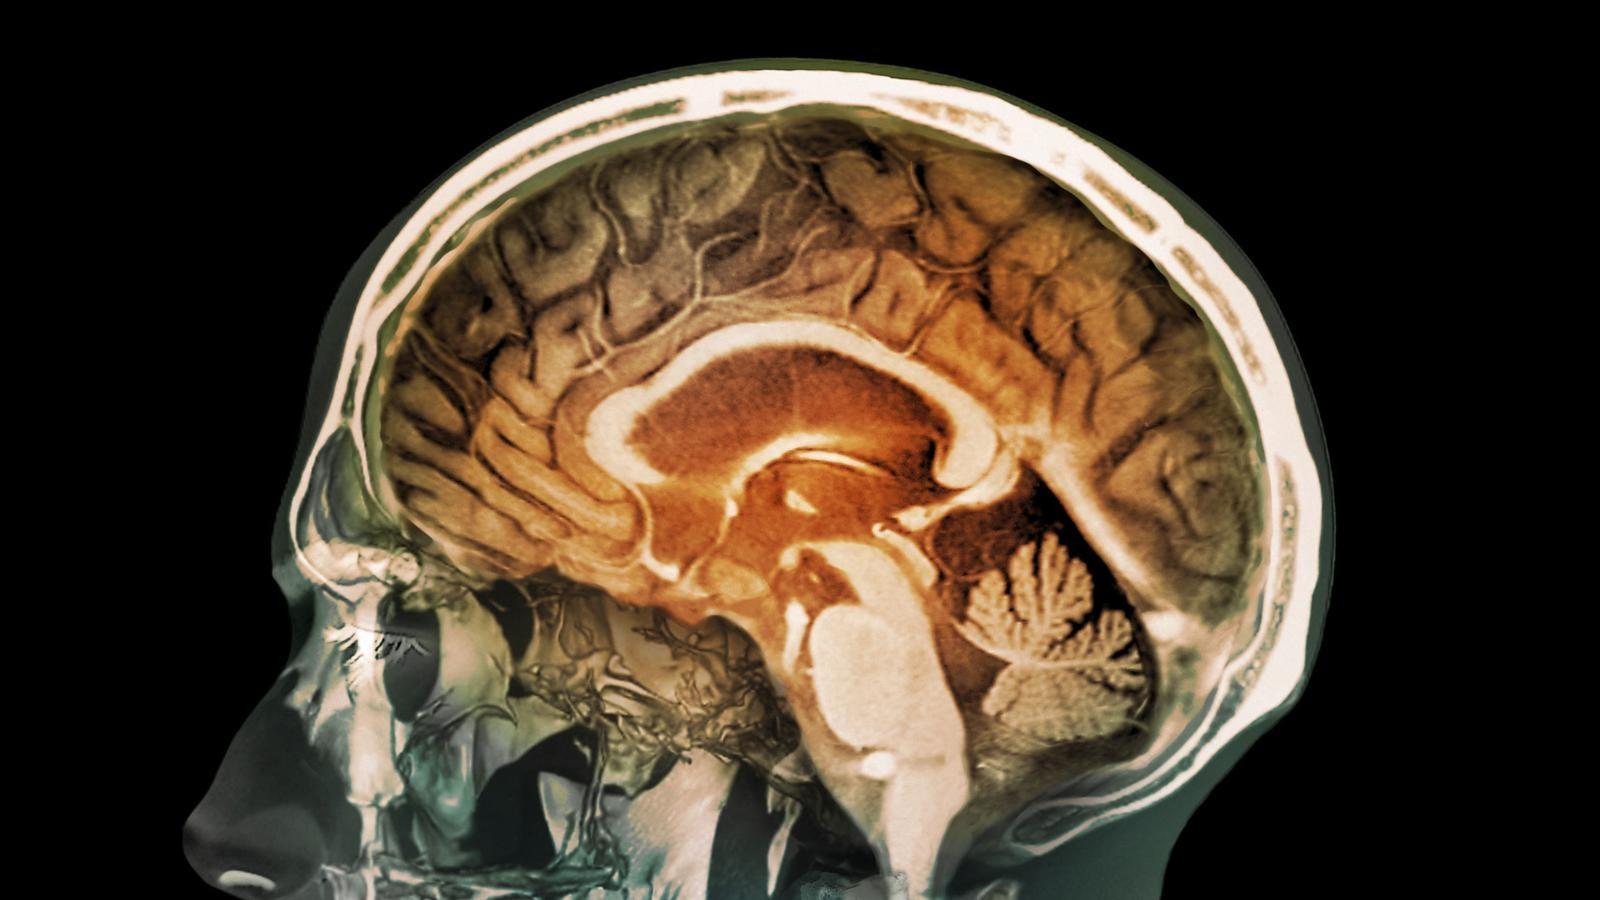 Исследования показали, что череп — источник иммунитета мозга